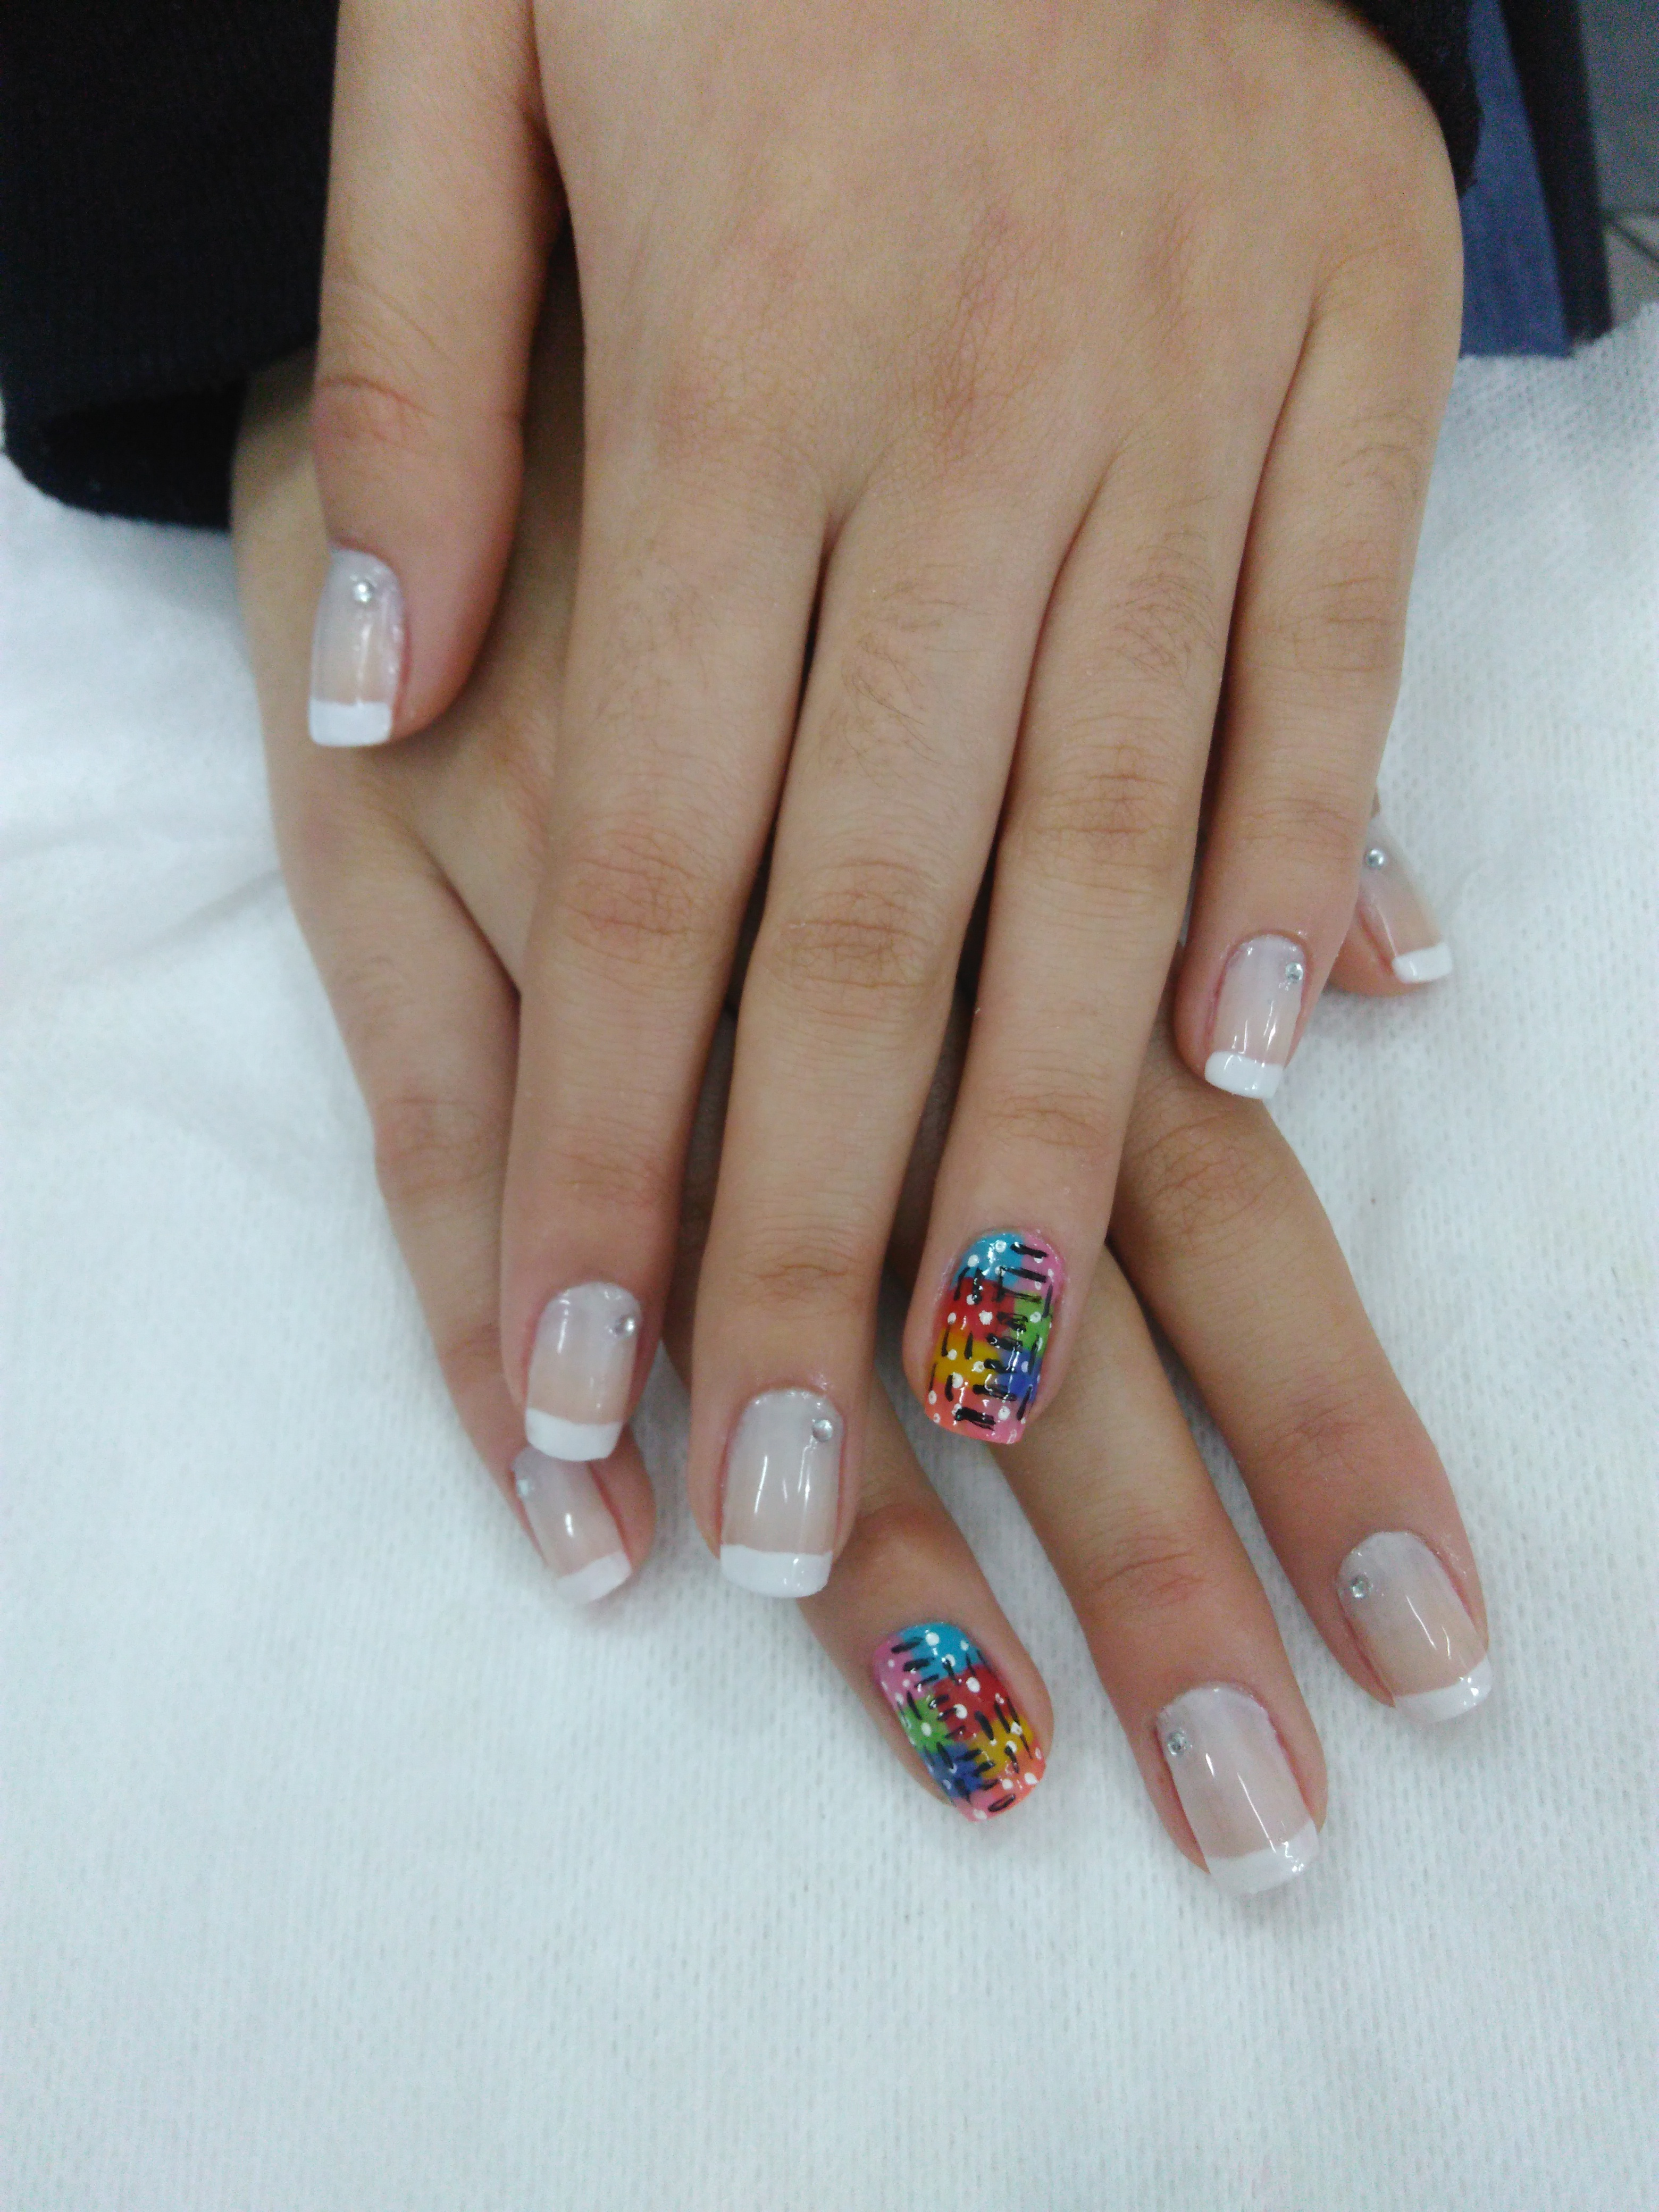 Unha decorada amor q faço 😍 unha auxiliar cabeleireiro(a) escovista manicure e pedicure